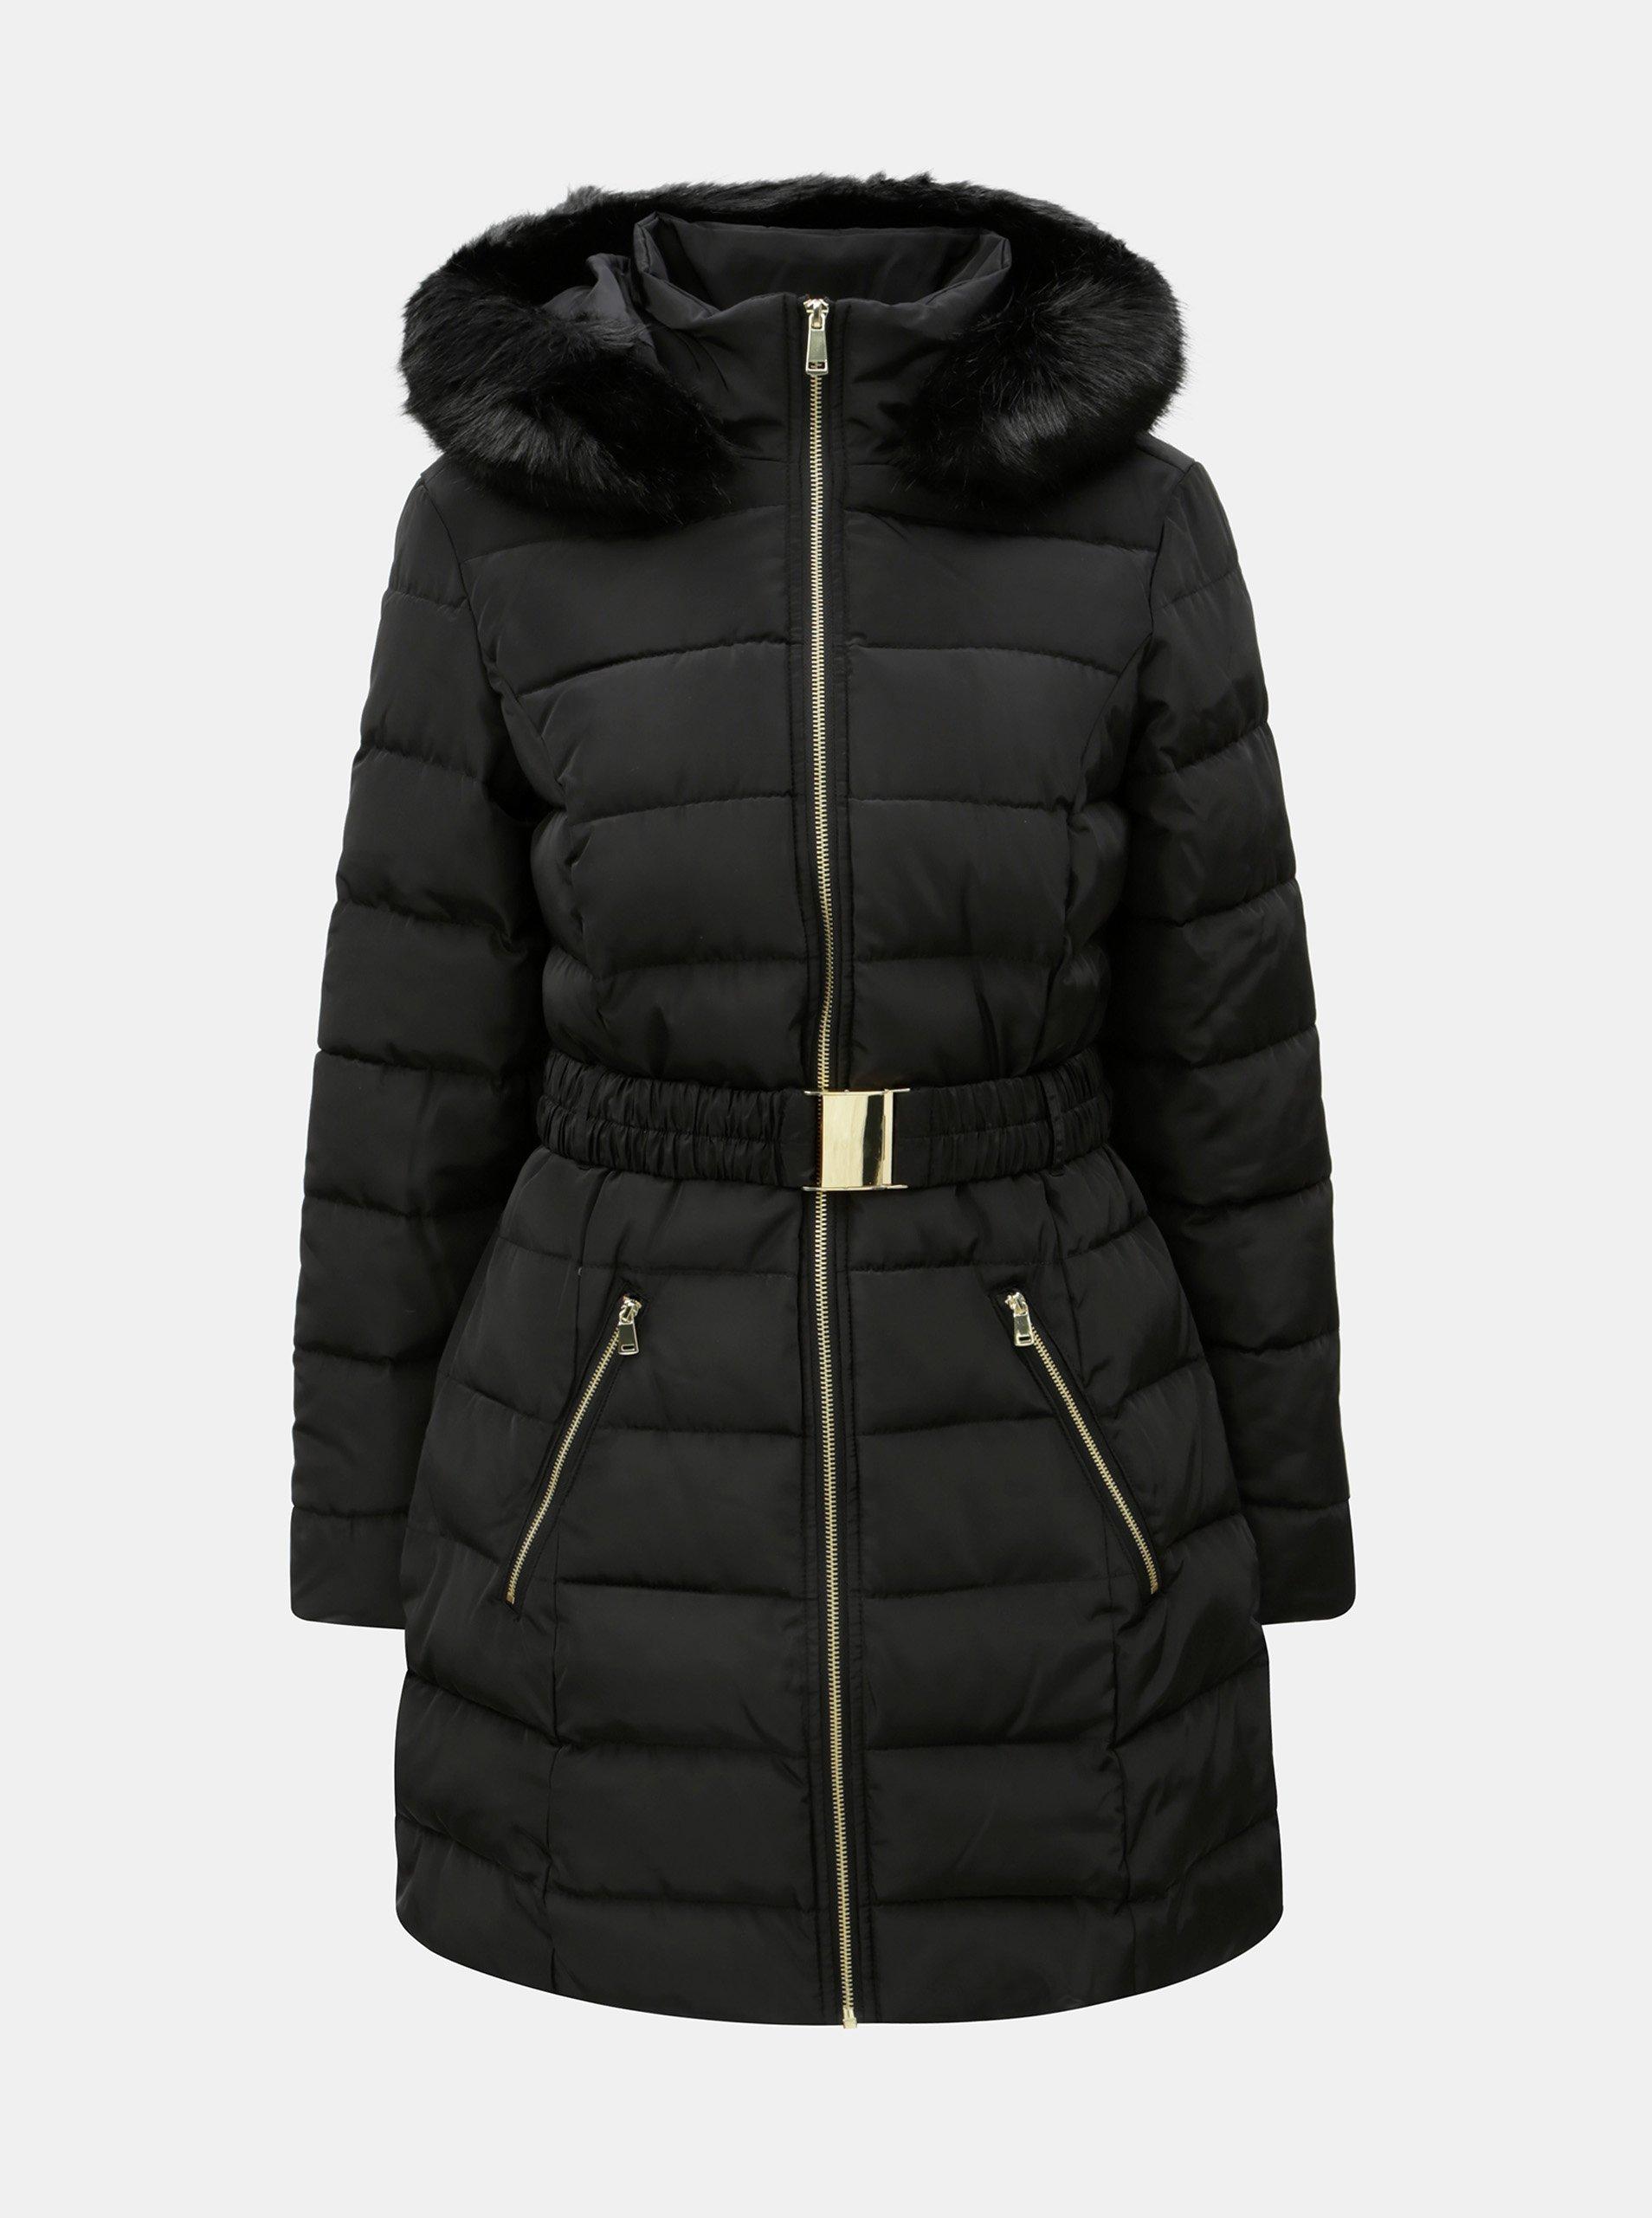 Černý zimní prošívaný kabát s odnímatelným páskem a umělou kožešinou  Dorothy Perkins 16bfa02dd9